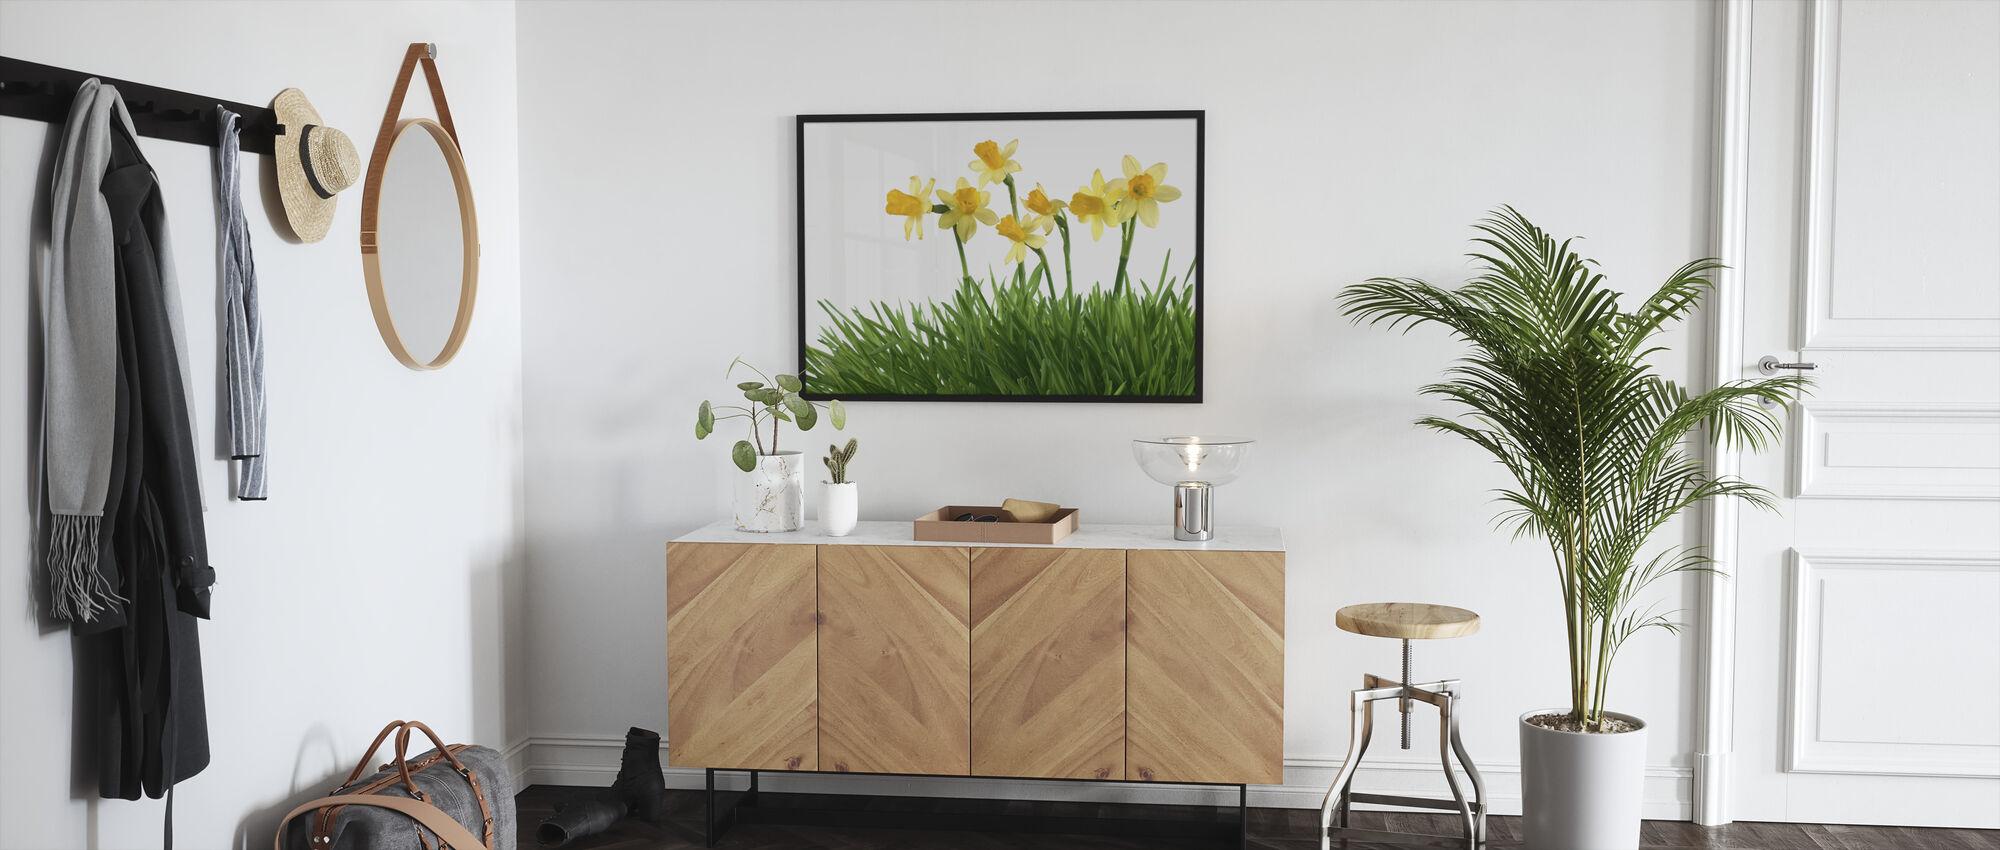 Påskeliljer i grønt gress - Innrammet bilde - Gang